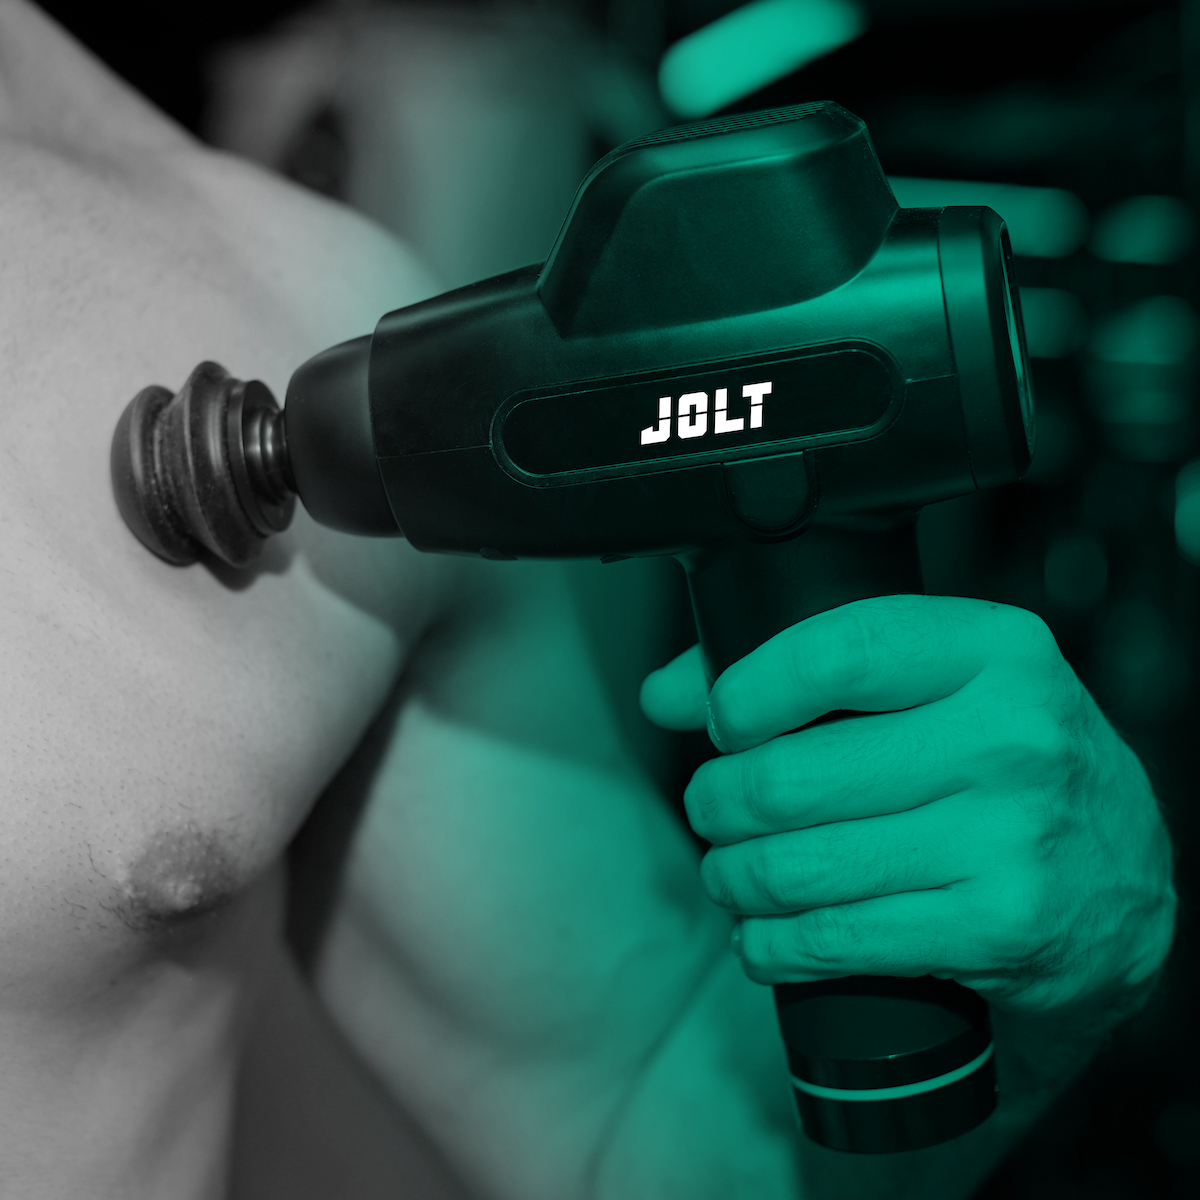 JOLT, le pistolet de massage par vibrations